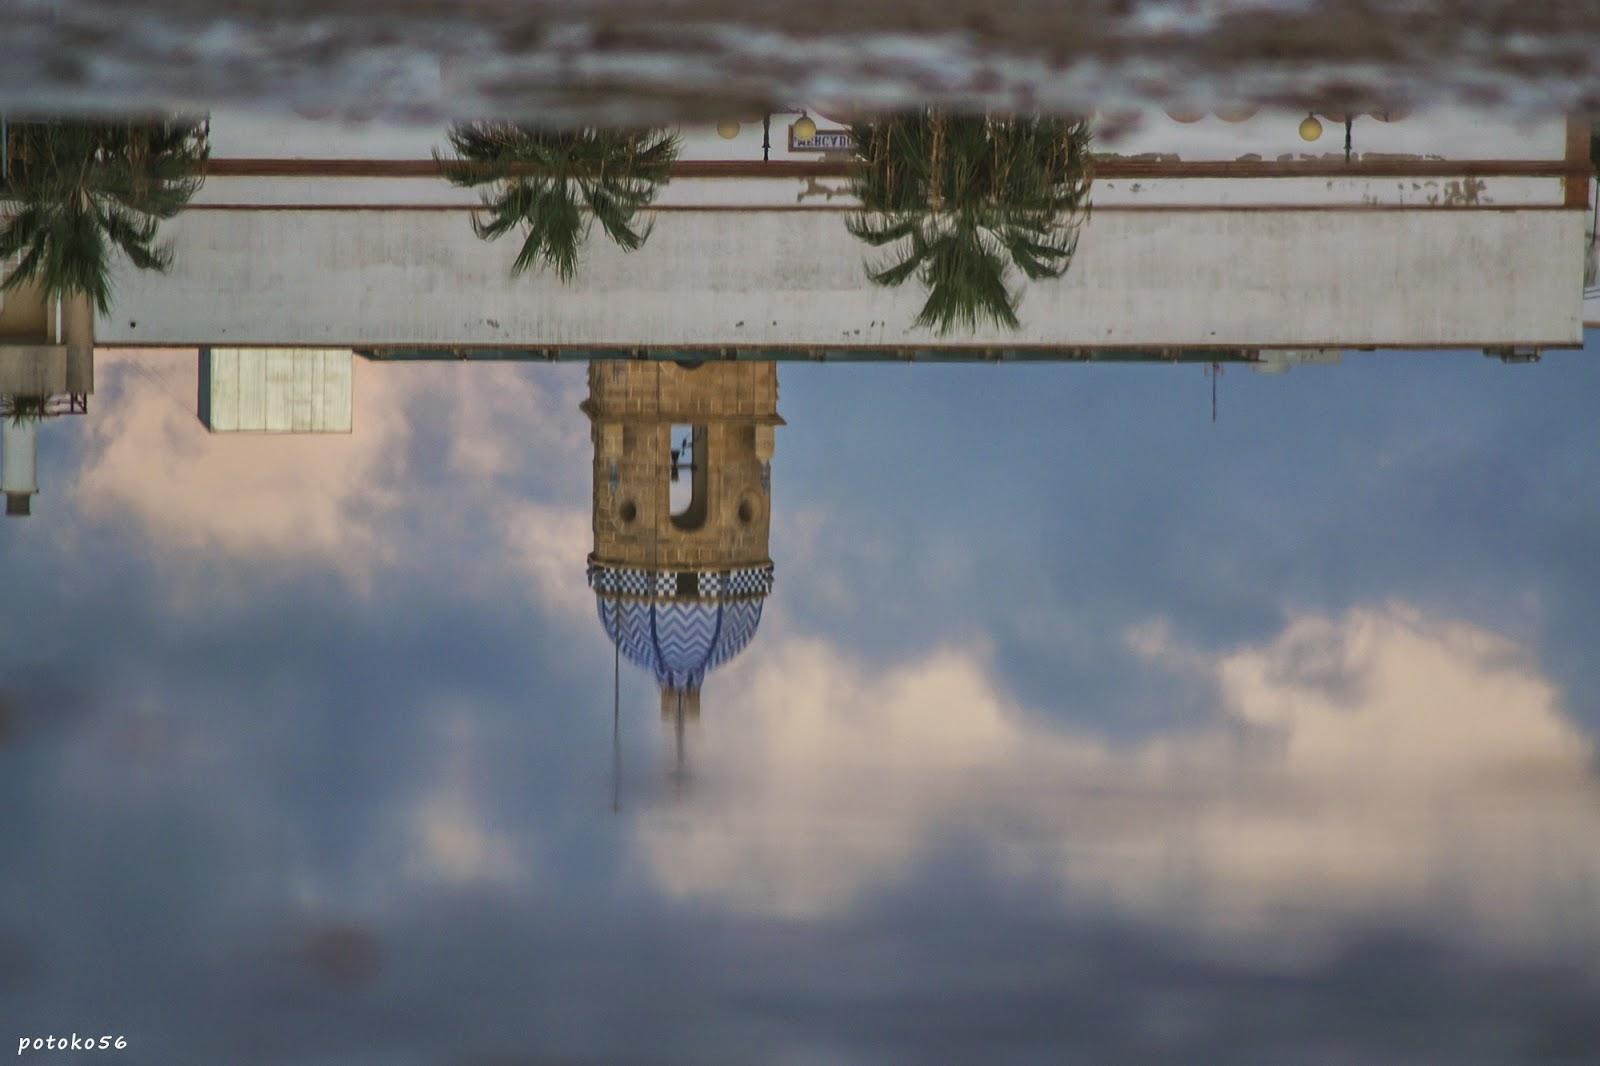 reflejos de la Torre de la Merced Rota